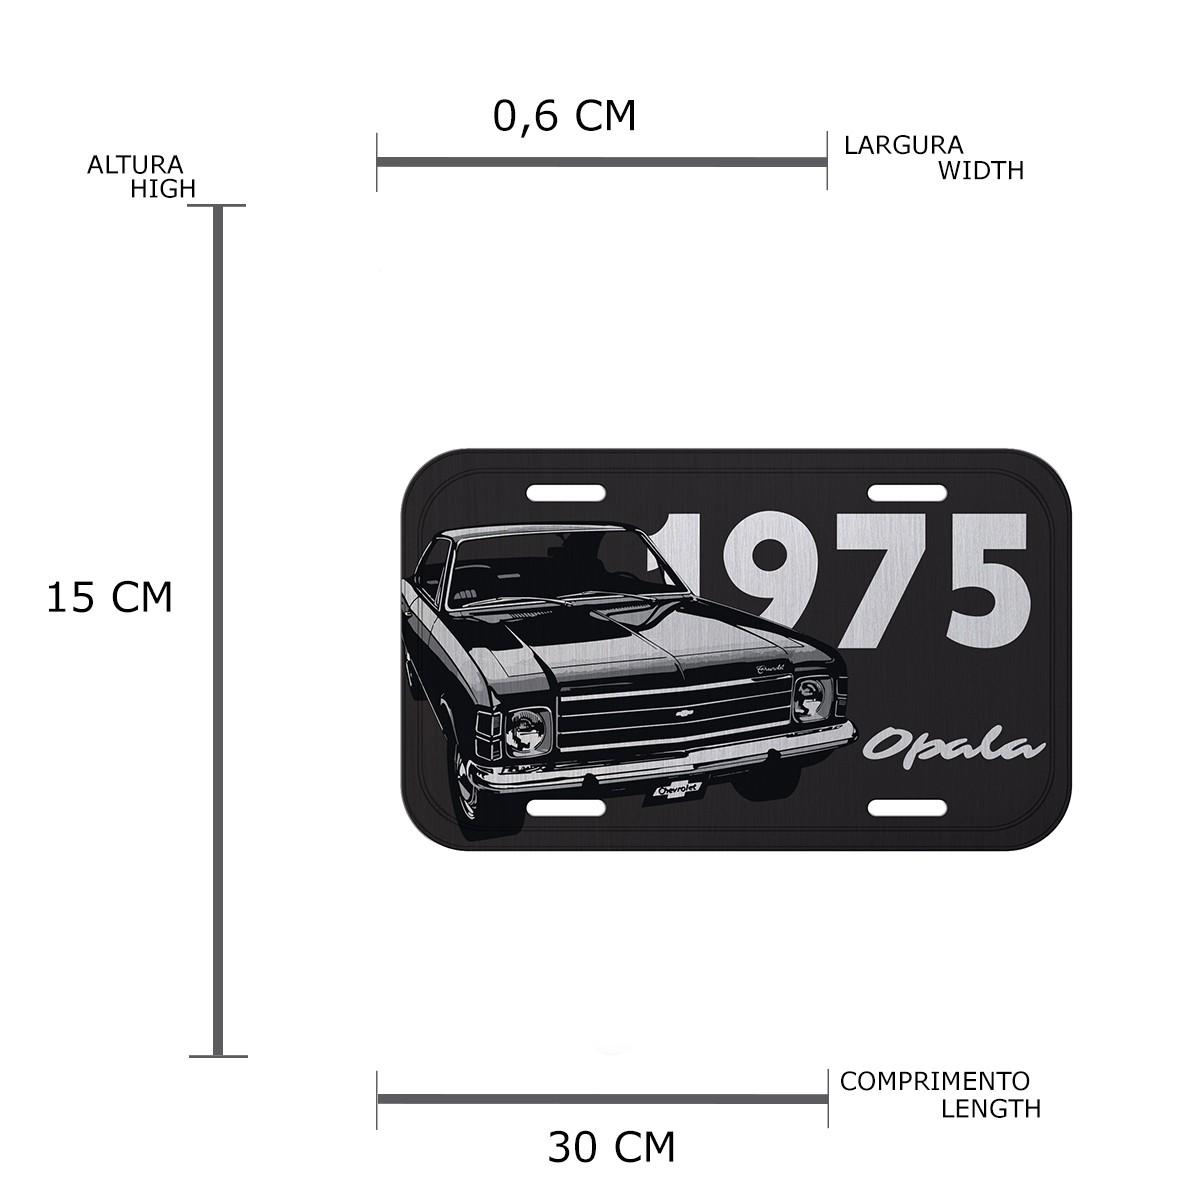 Placa de Alumínio Chevrolet - Opala 1975 - Preto